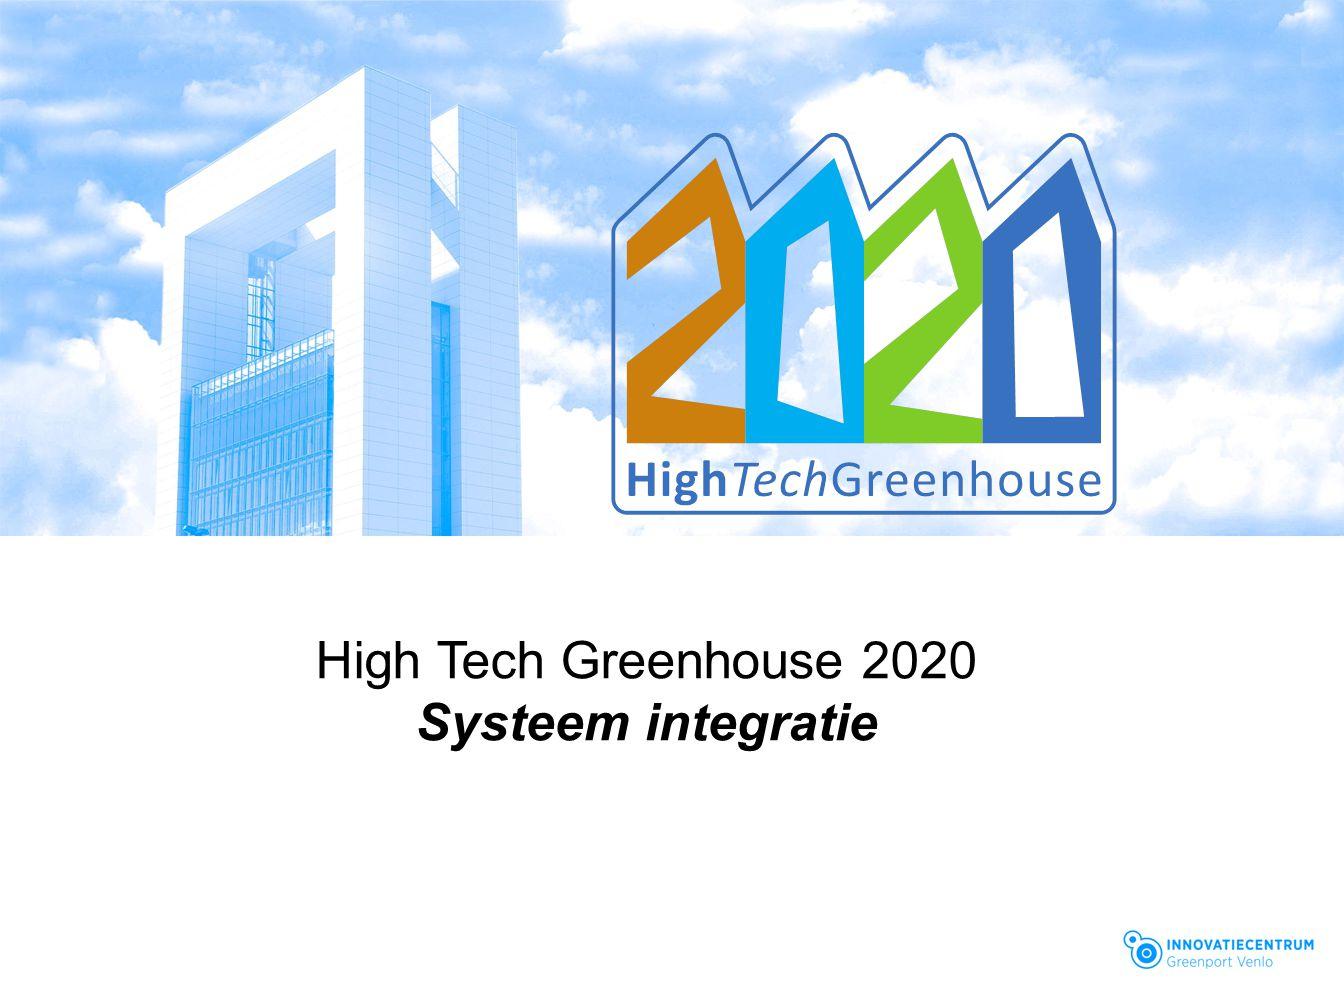 High Tech Greenhouse 2020 Systeem integratie